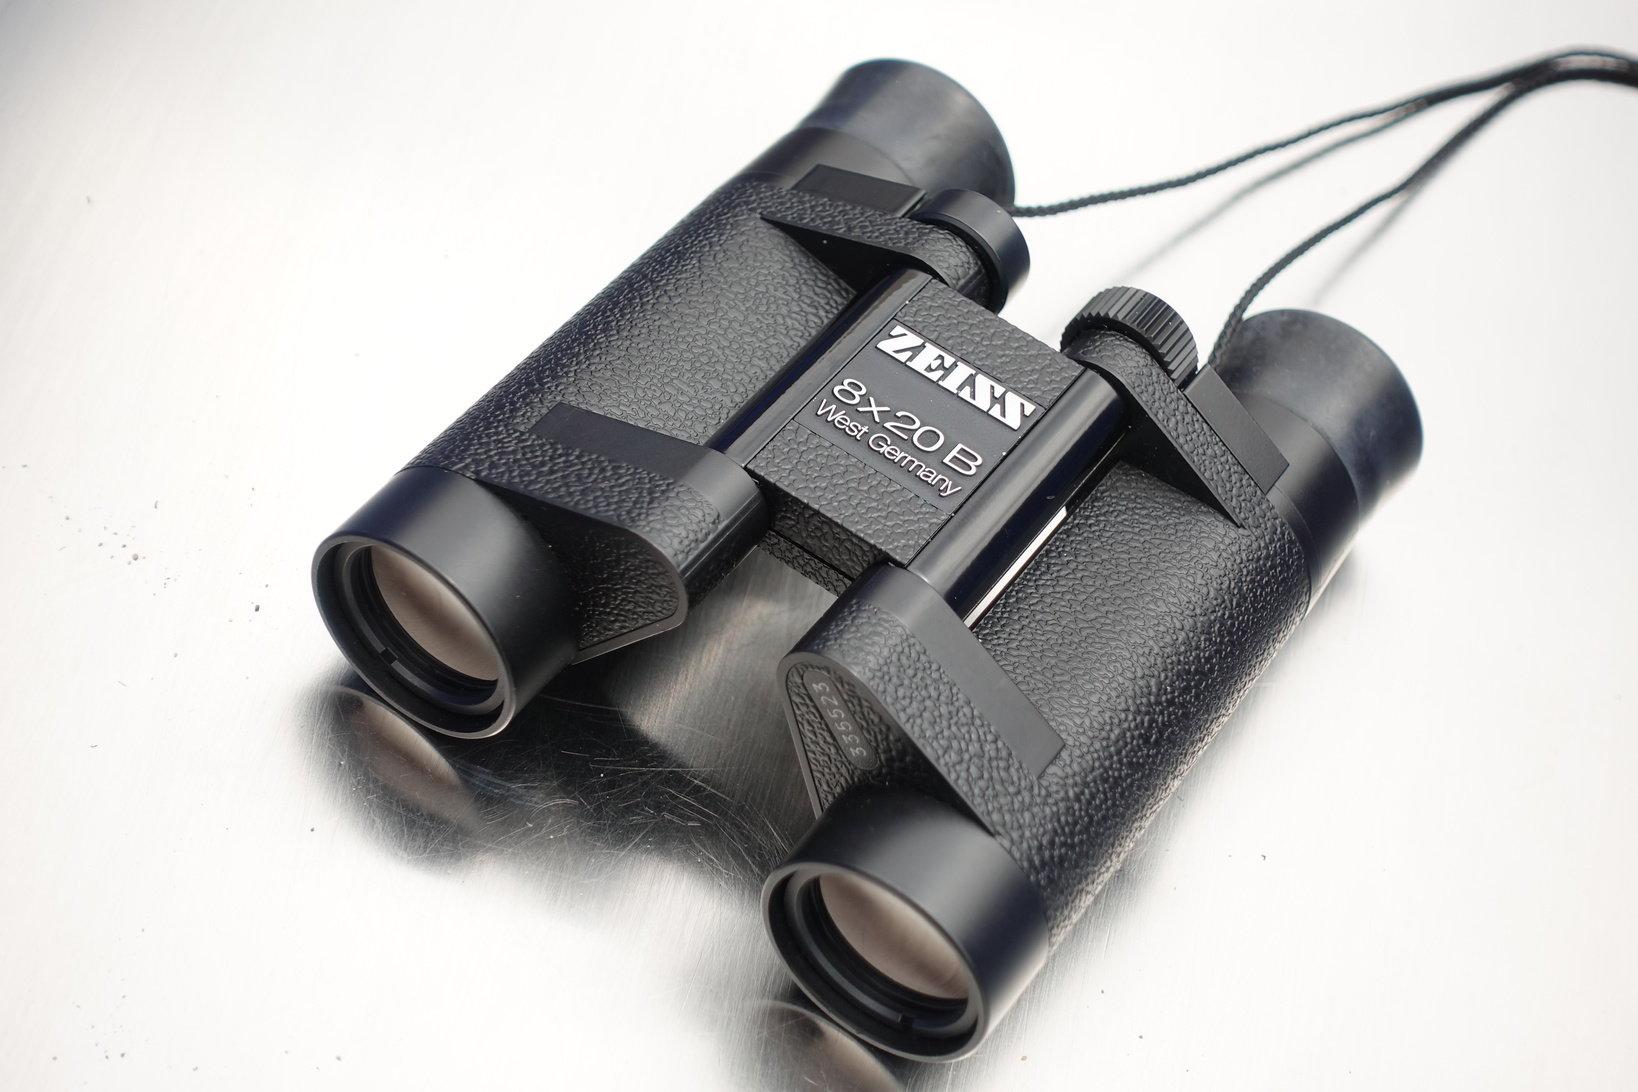 1991年のメキシコでの皆既日食のために購入した『ZEISS 8×20B』。四半世紀以上使ってもビクともしない堅牢さと優れたデザイン。今でも覗く度に感動を与えてくれる。